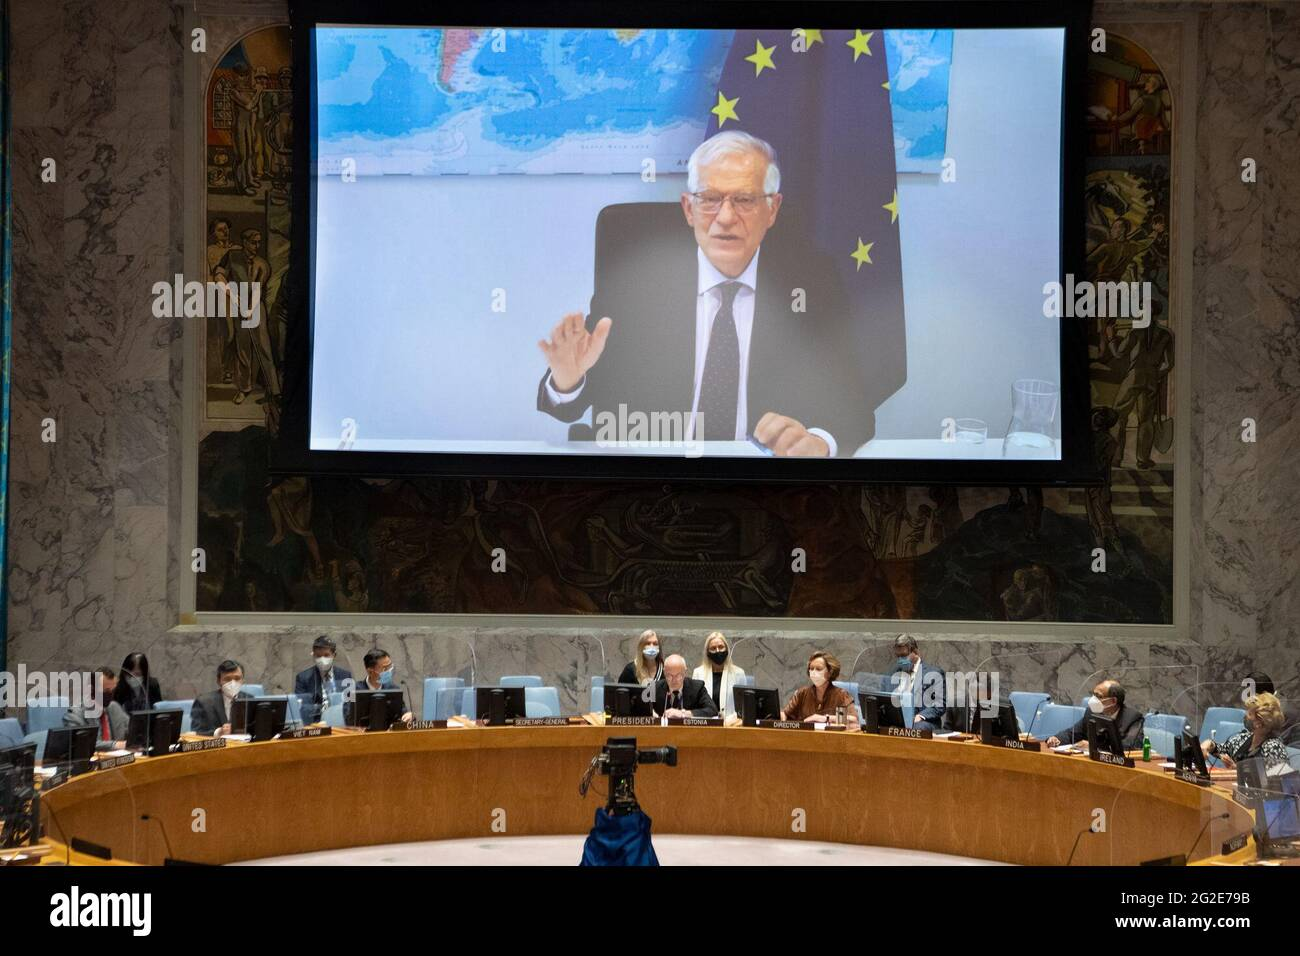 (210610) -- NAZIONI UNITE, 10 giugno 2021 (Xinhua) -- Josep Borrell, capo della politica estera dell'Unione europea (on Screen), si rivolge a un Consiglio di sicurezza sulla cooperazione ONU-UE tramite collegamento video presso la sede delle Nazioni Unite a New York, 10 giugno 2021. Josep Borrell, giovedì, ha chiesto di adoperarsi per far vivere il multilateralismo. (Eskinder Debebe/Foto un/Handout via Xinhua) Foto Stock